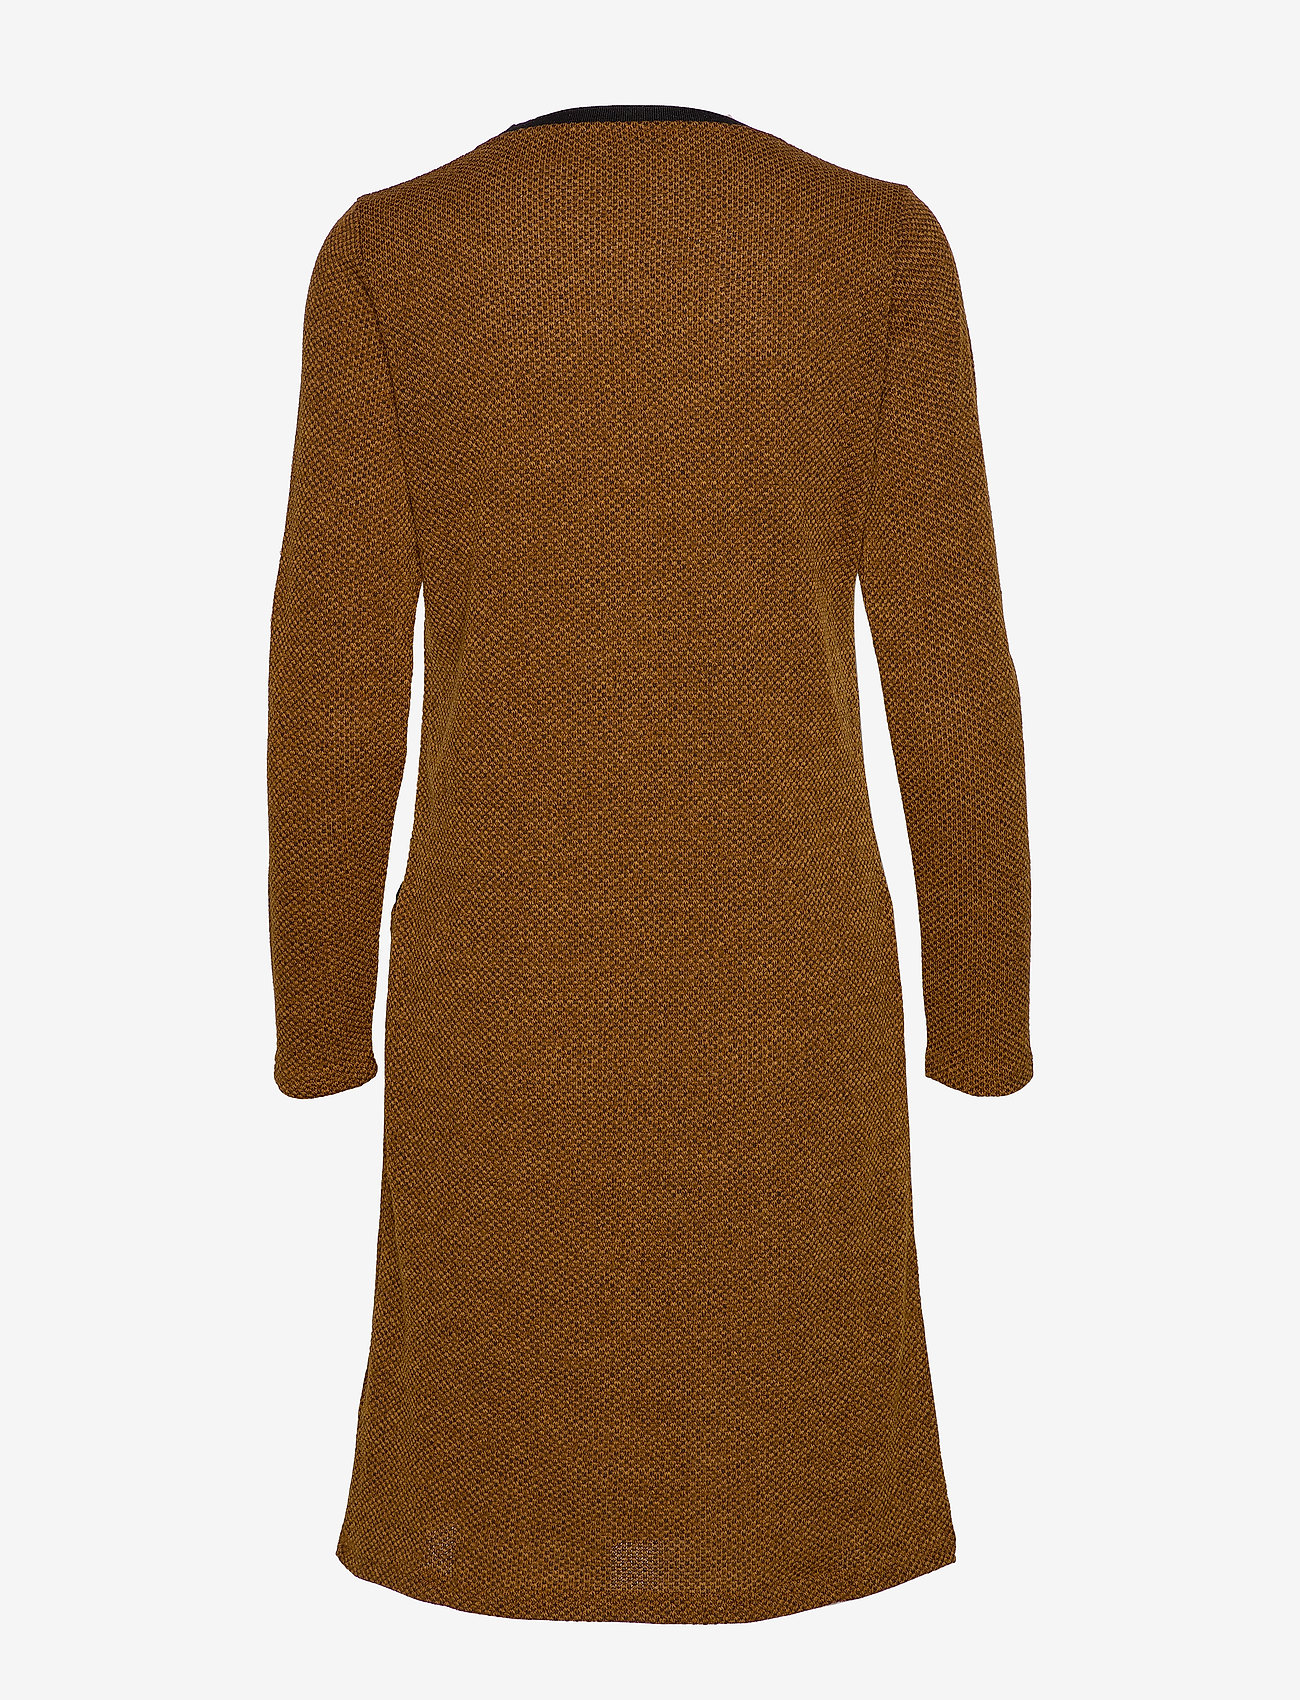 Fransa FRFINEW 3 Dress - Sukienki CATHAY SPICE MELANGE - Kobiety Odzież.